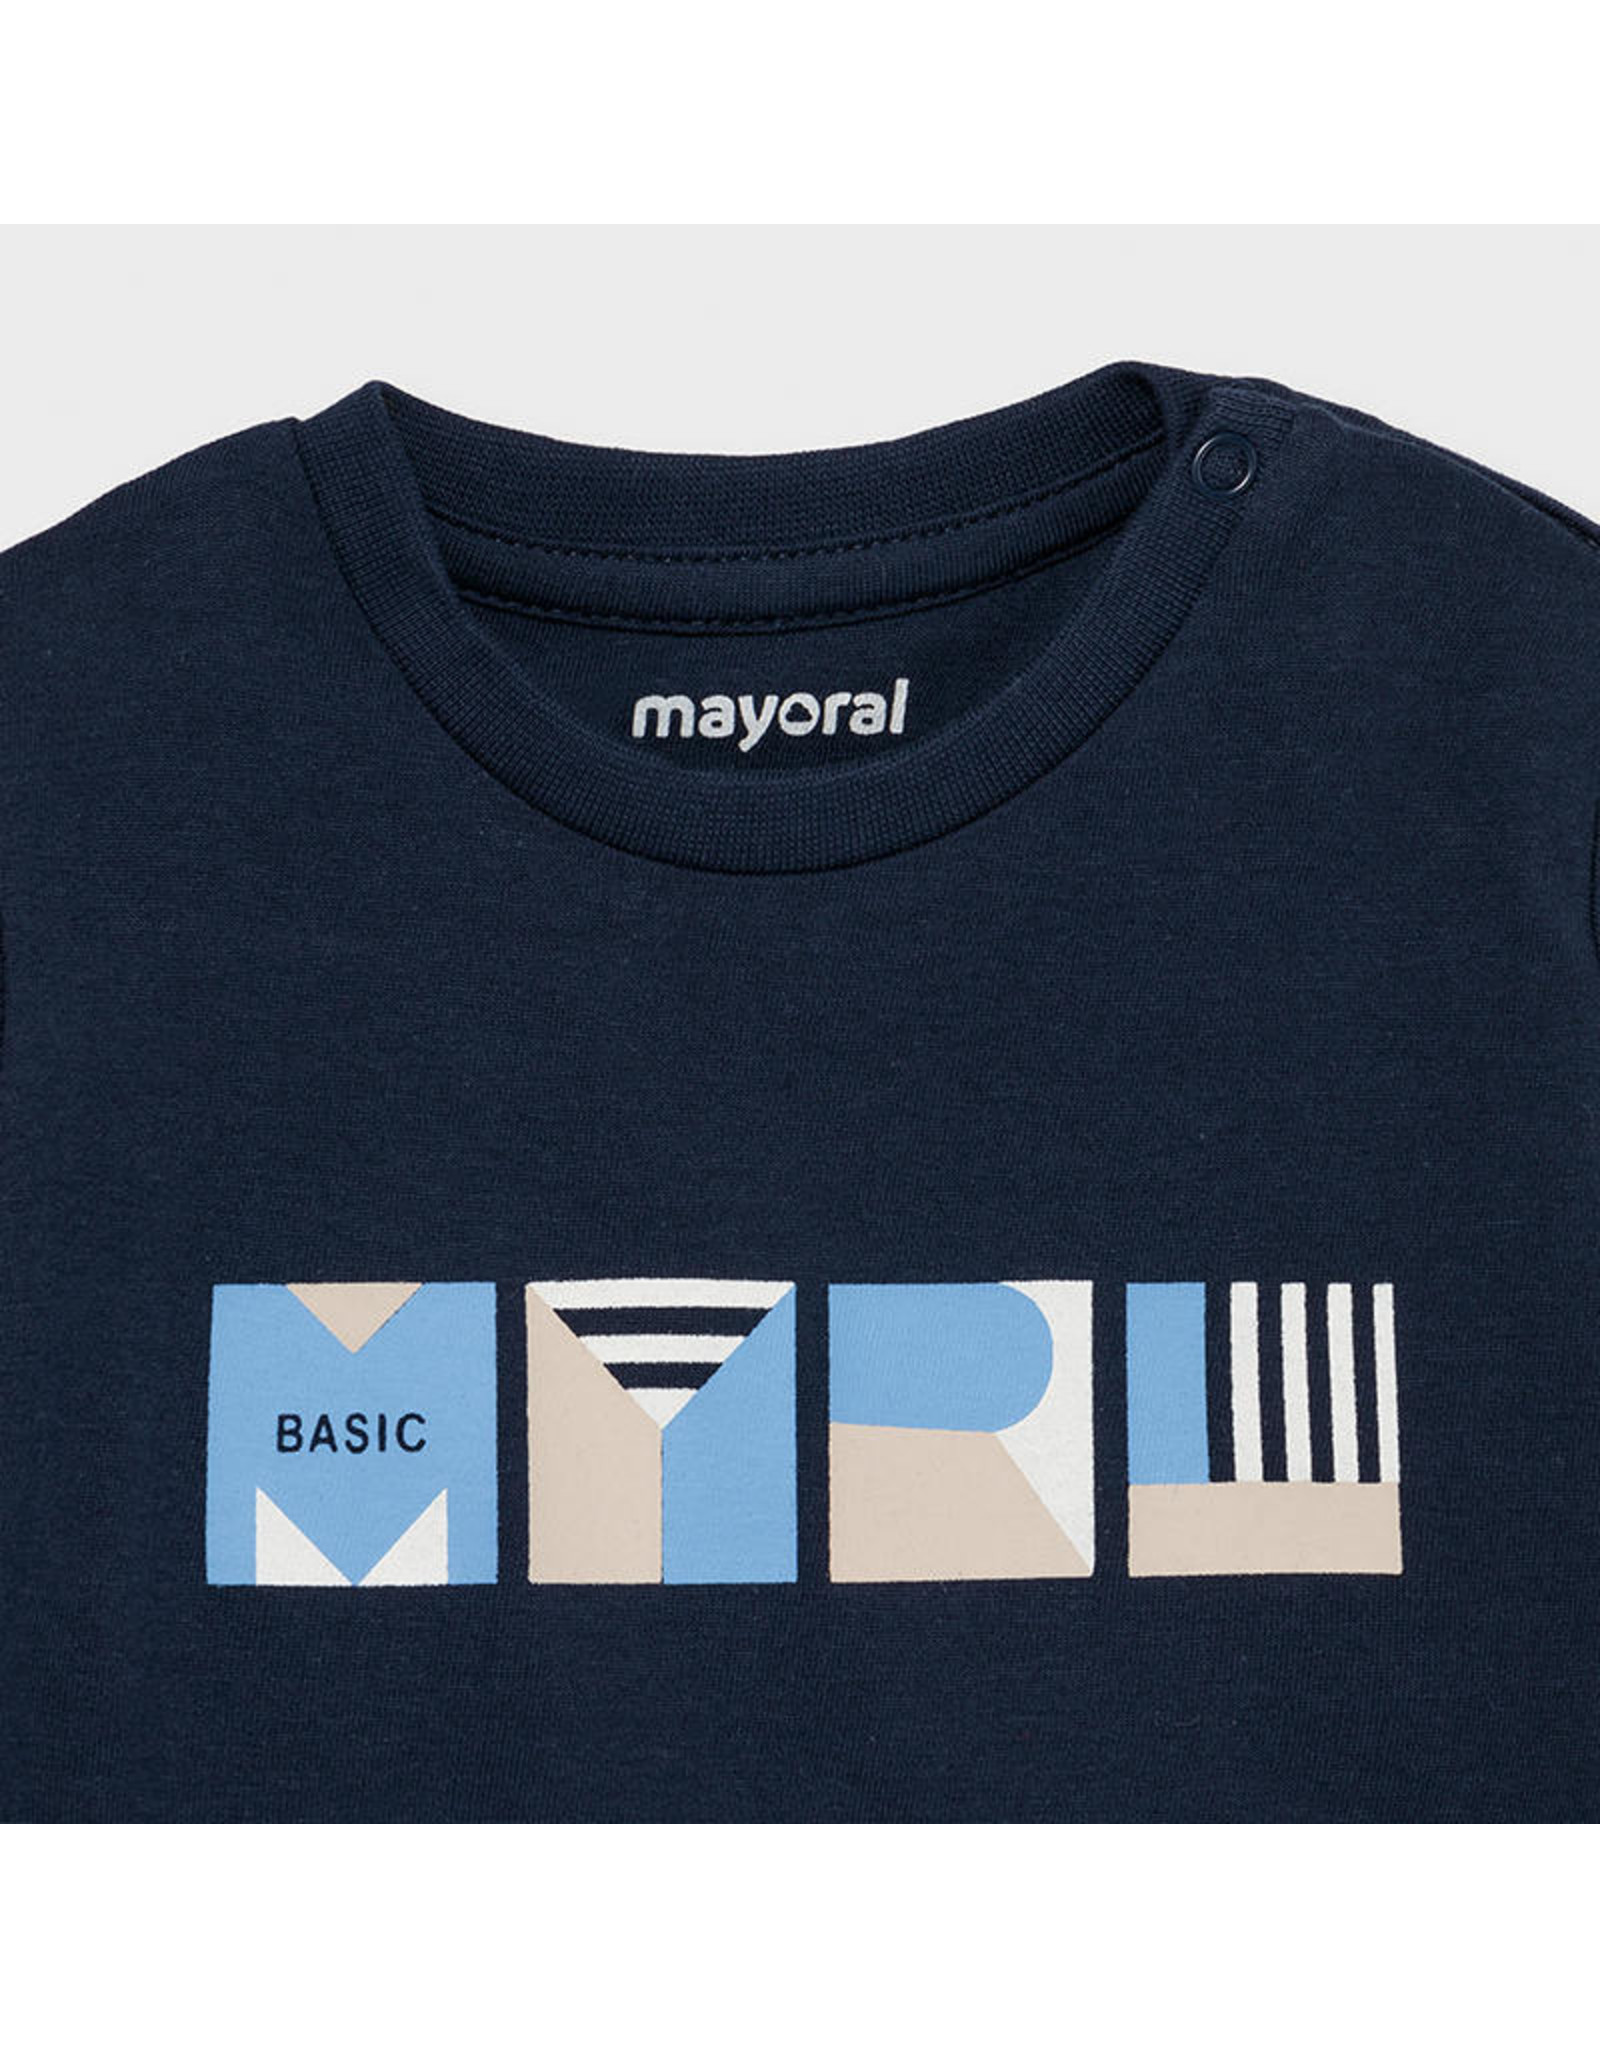 Mayoral Basic s/s t-shirt  Nautical